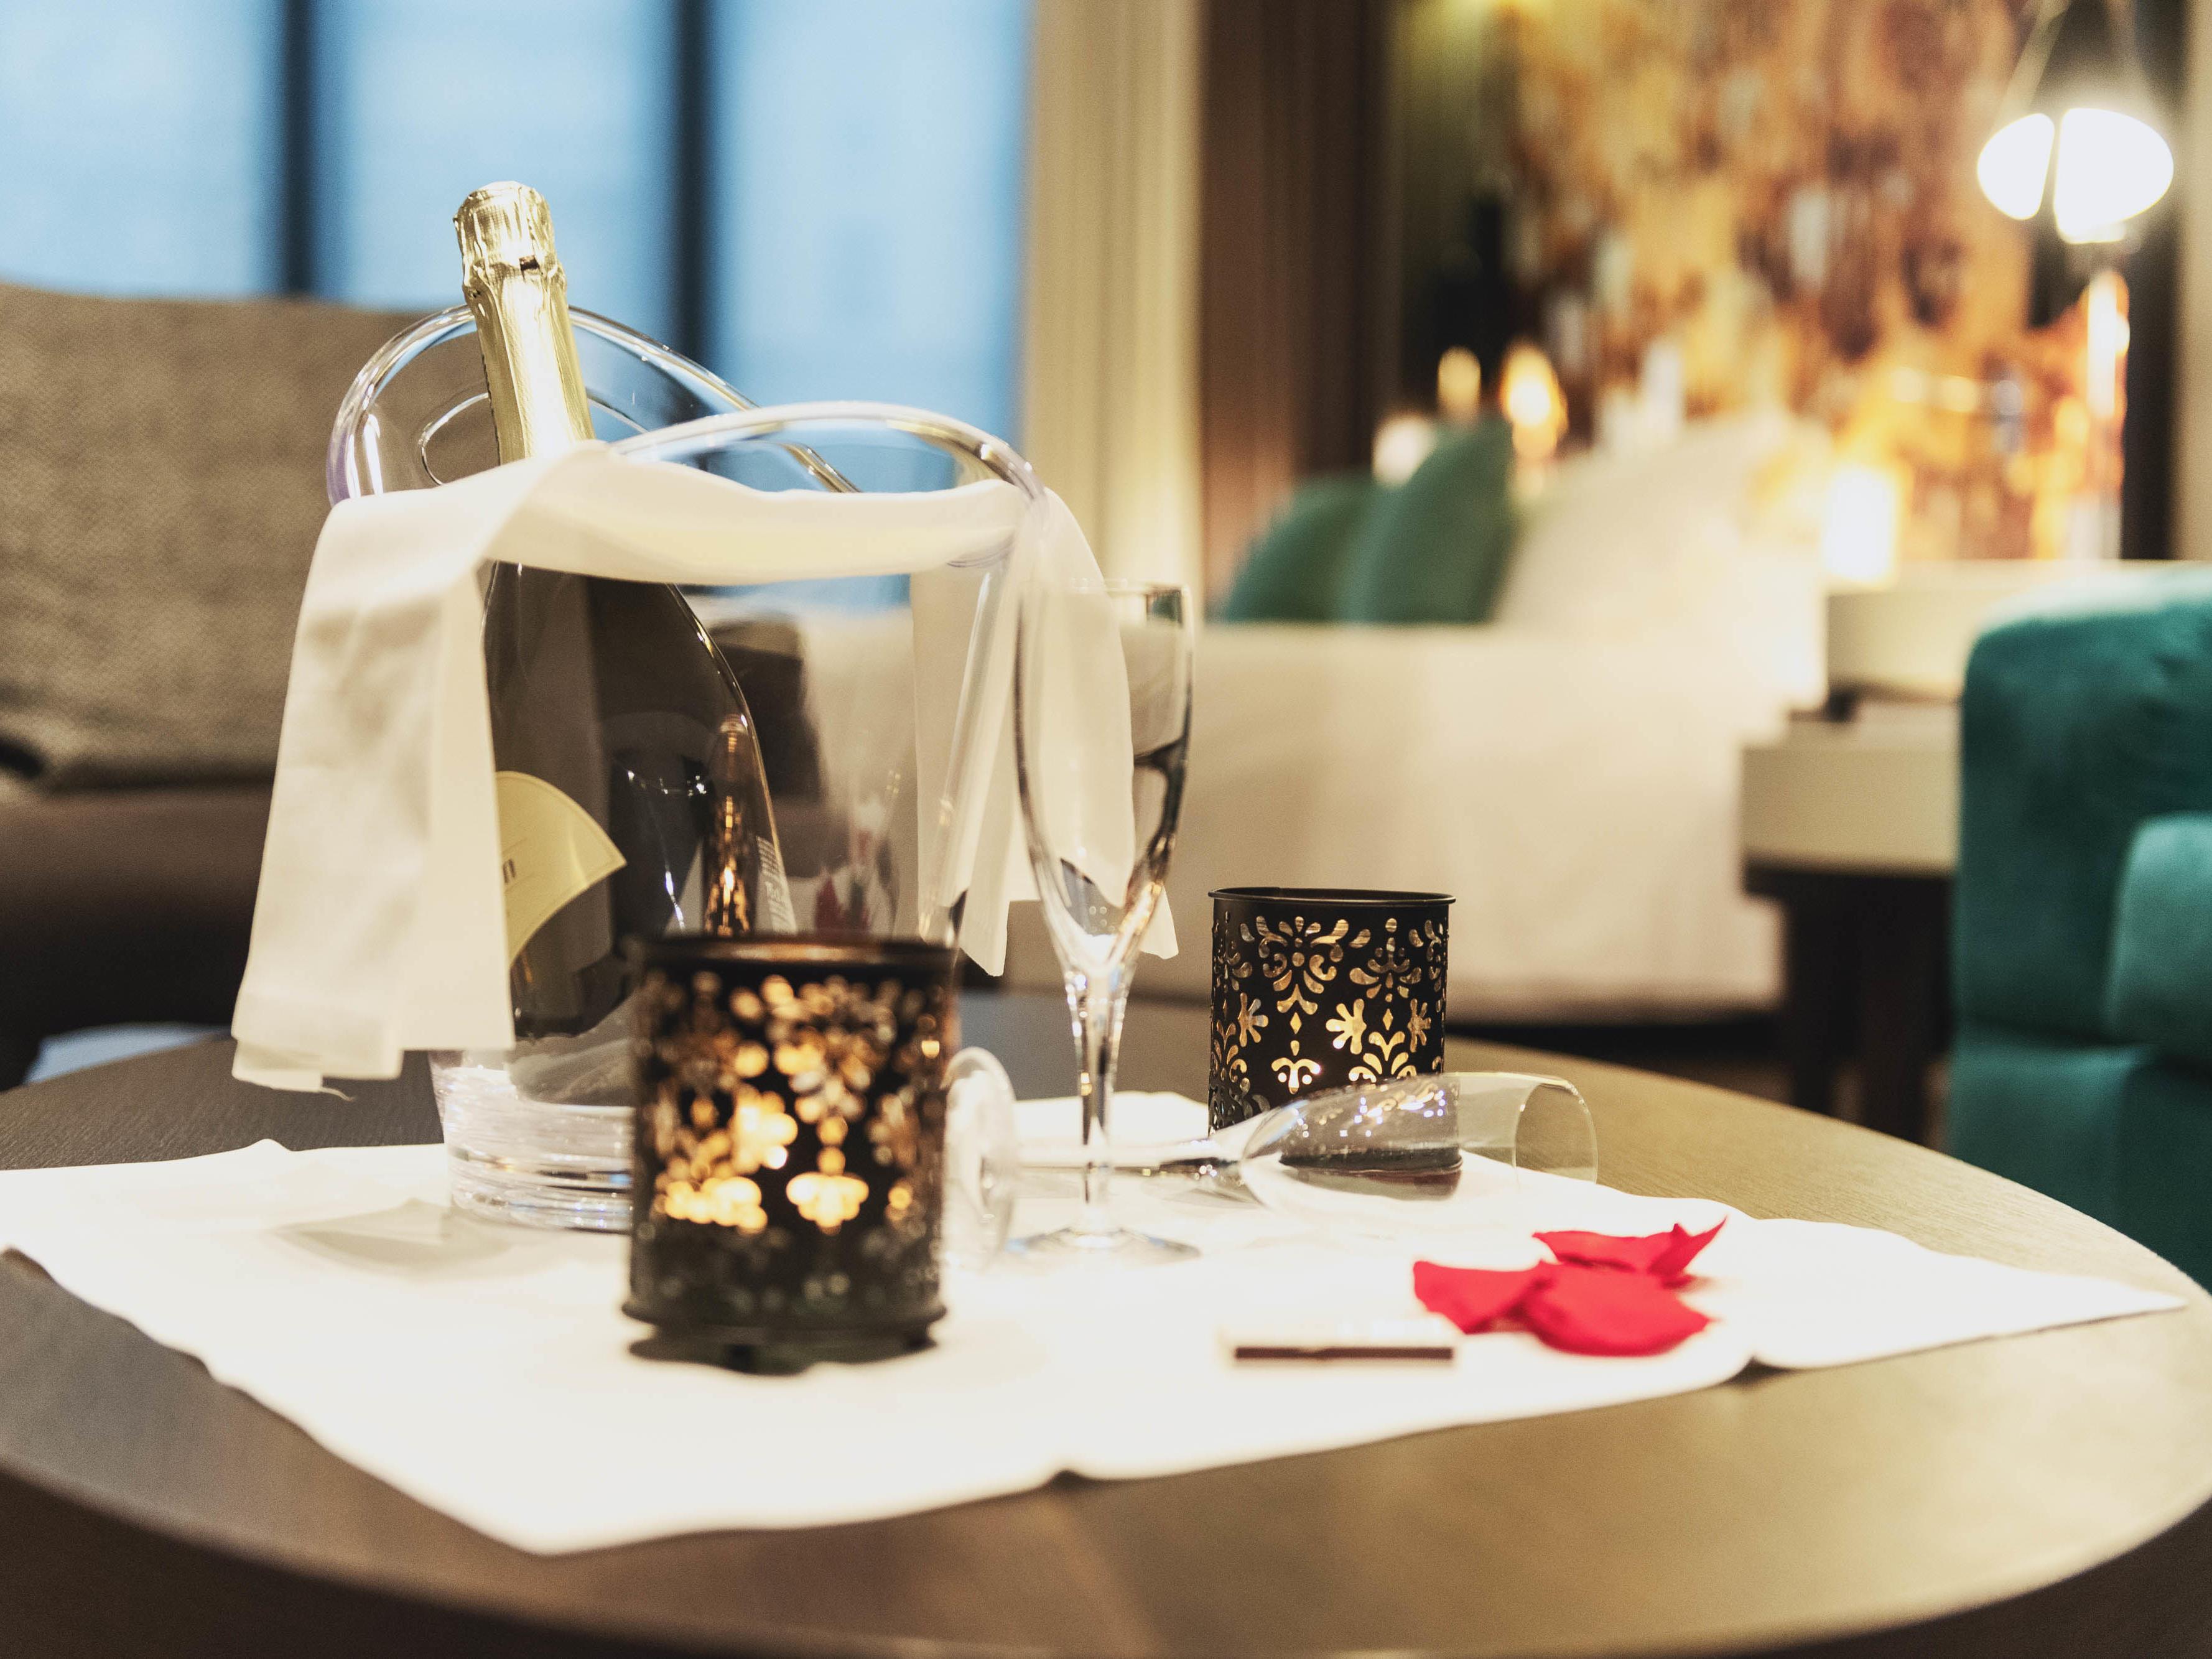 Hotel a Torino offerta romantica